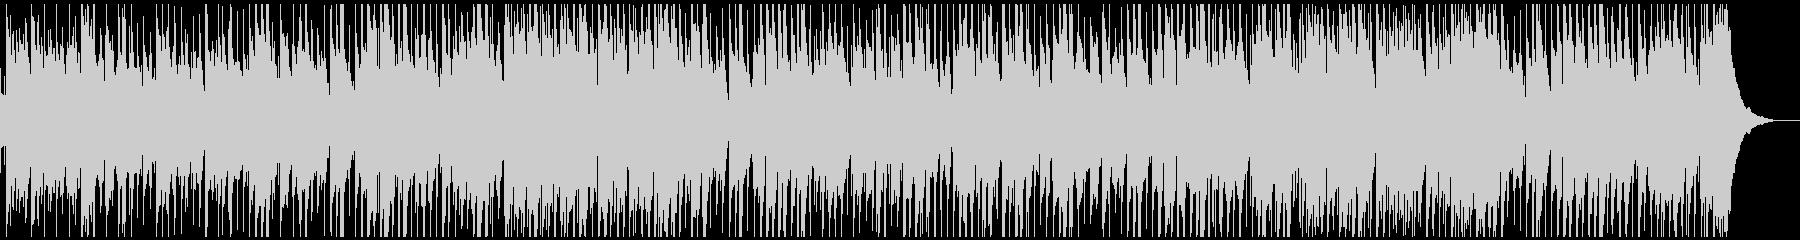 生音マンドリンとピアノの気楽なポップスの未再生の波形